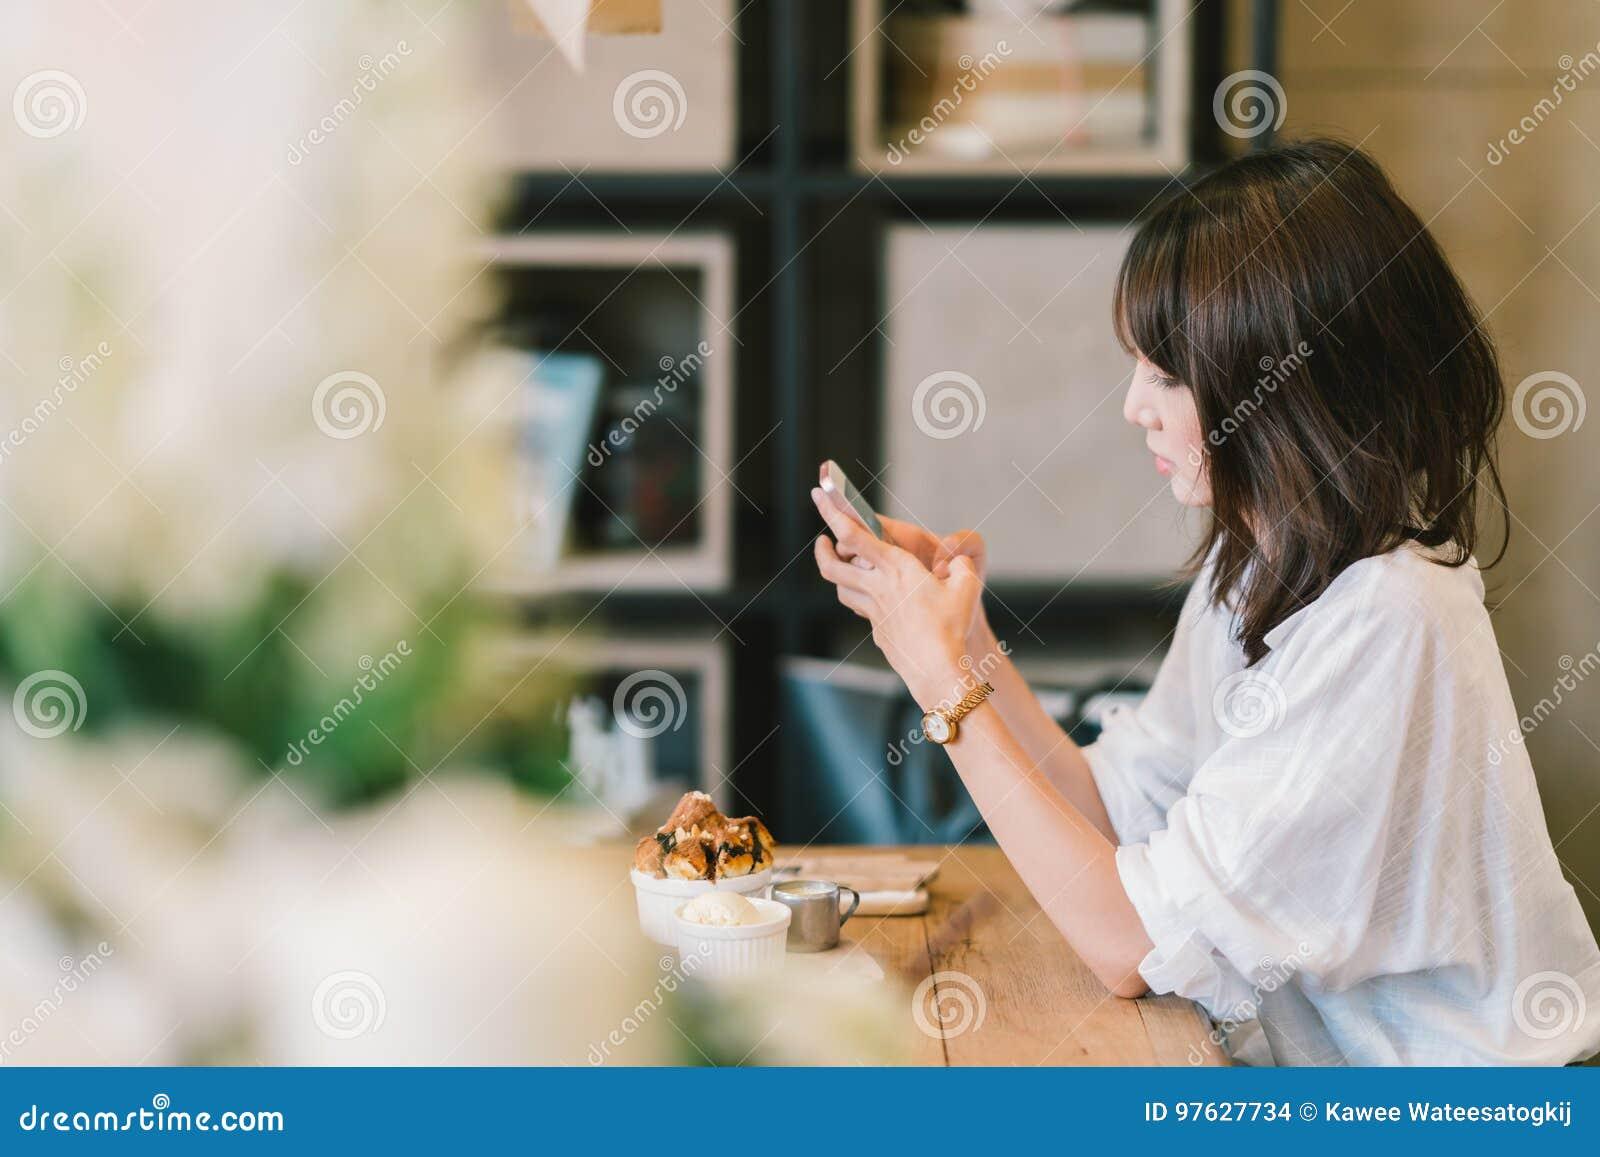 Menina asiática bonita que usa o smartphone no café com brinde do chocolate e gelado Sobremesa da cafetaria e estilo de vida ocas